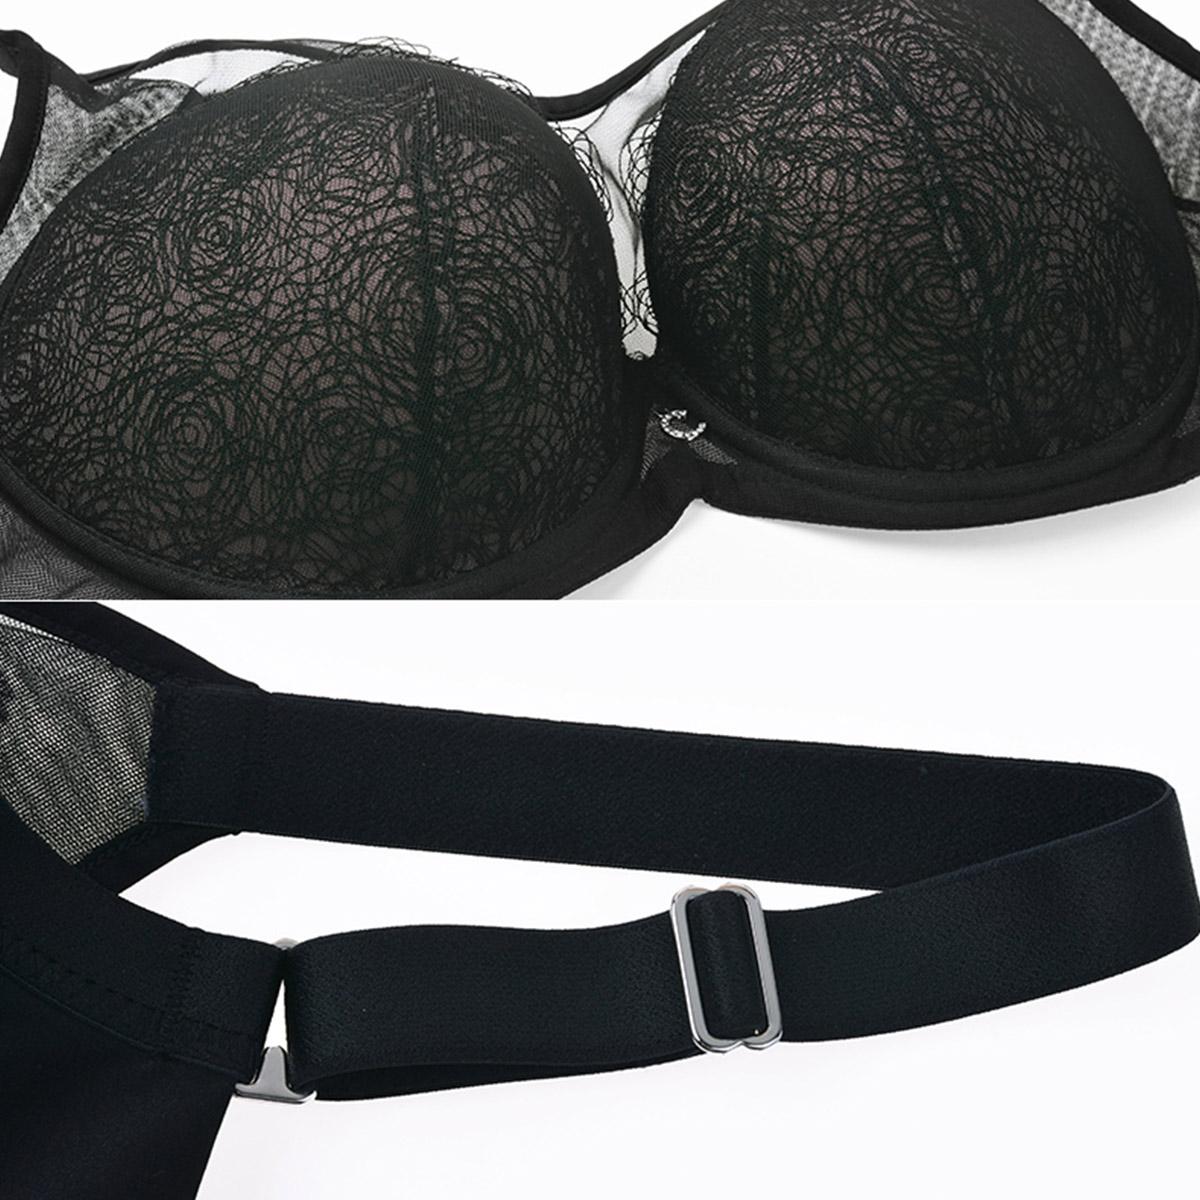 安莉芳旗下Comfit女薄款大码文胸蕾丝聚拢抹胸内衣CB0659/CB0660